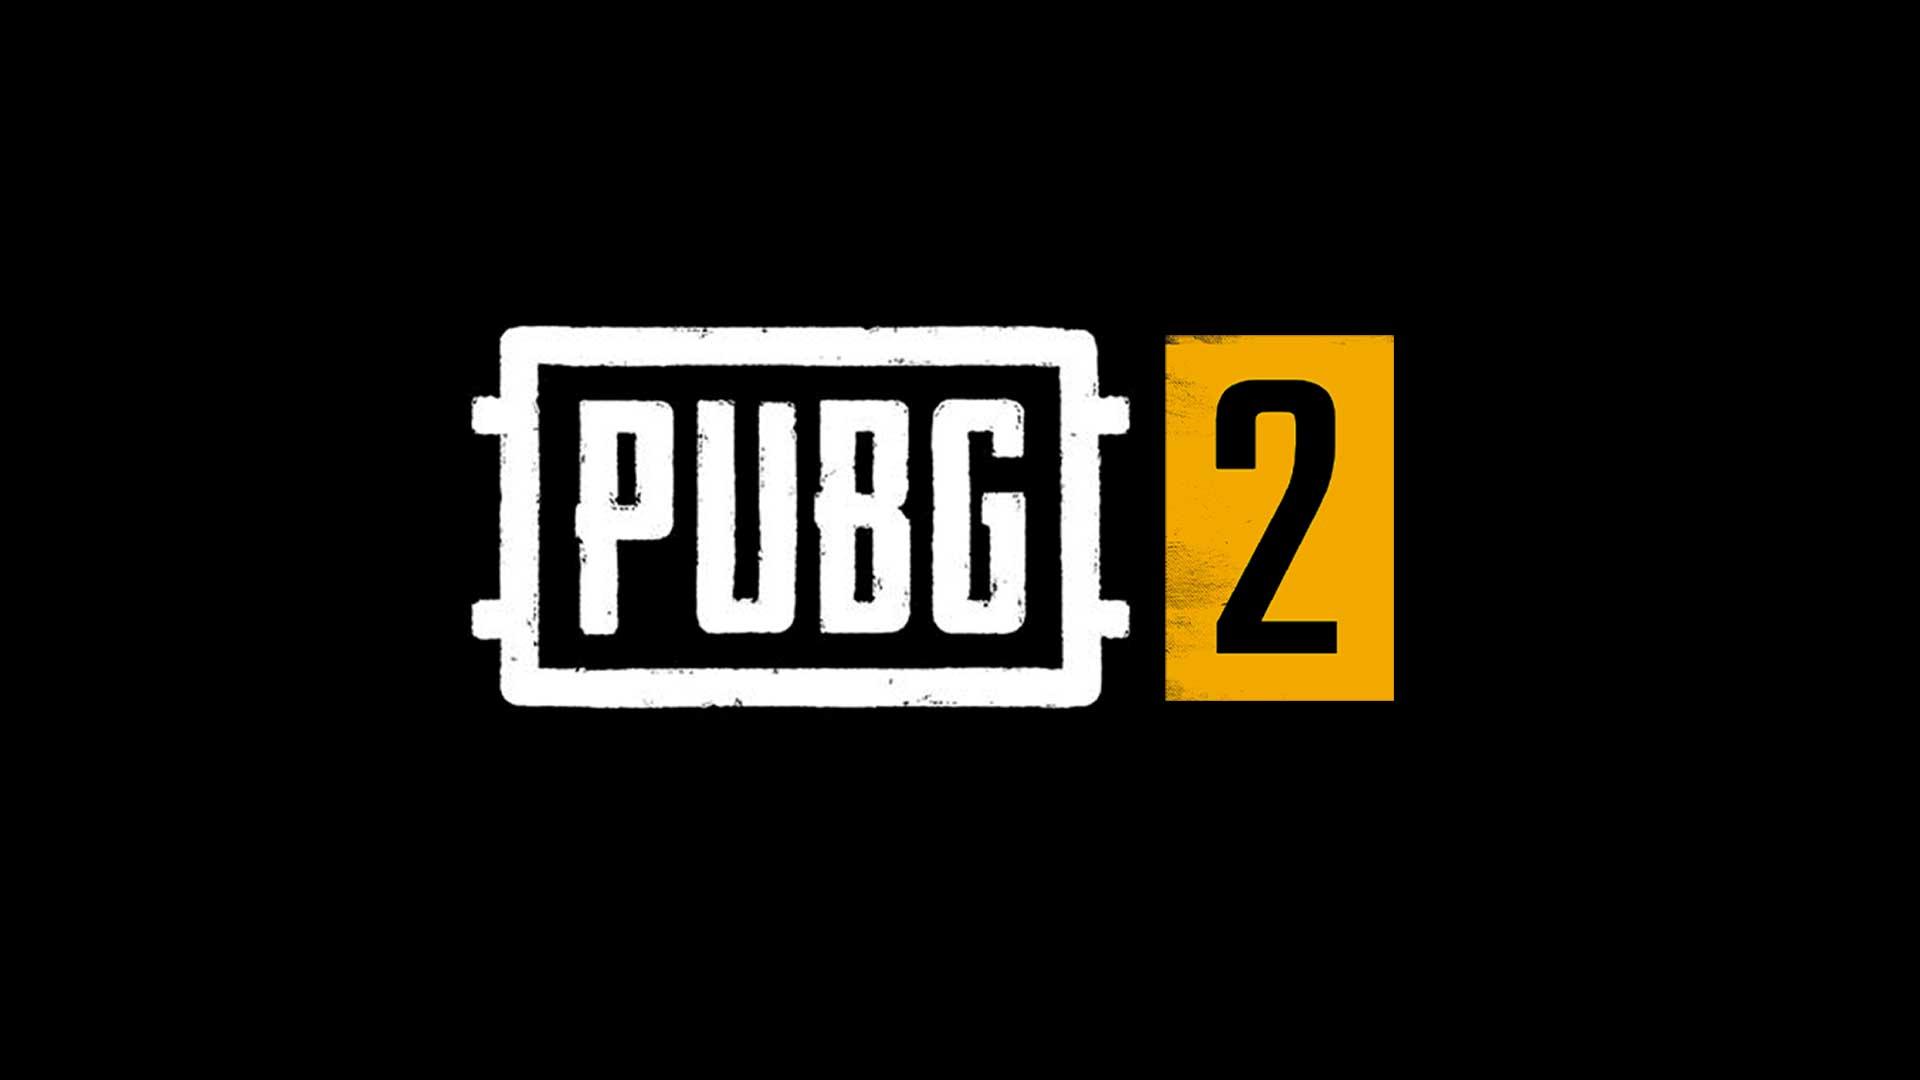 pubg2 leak